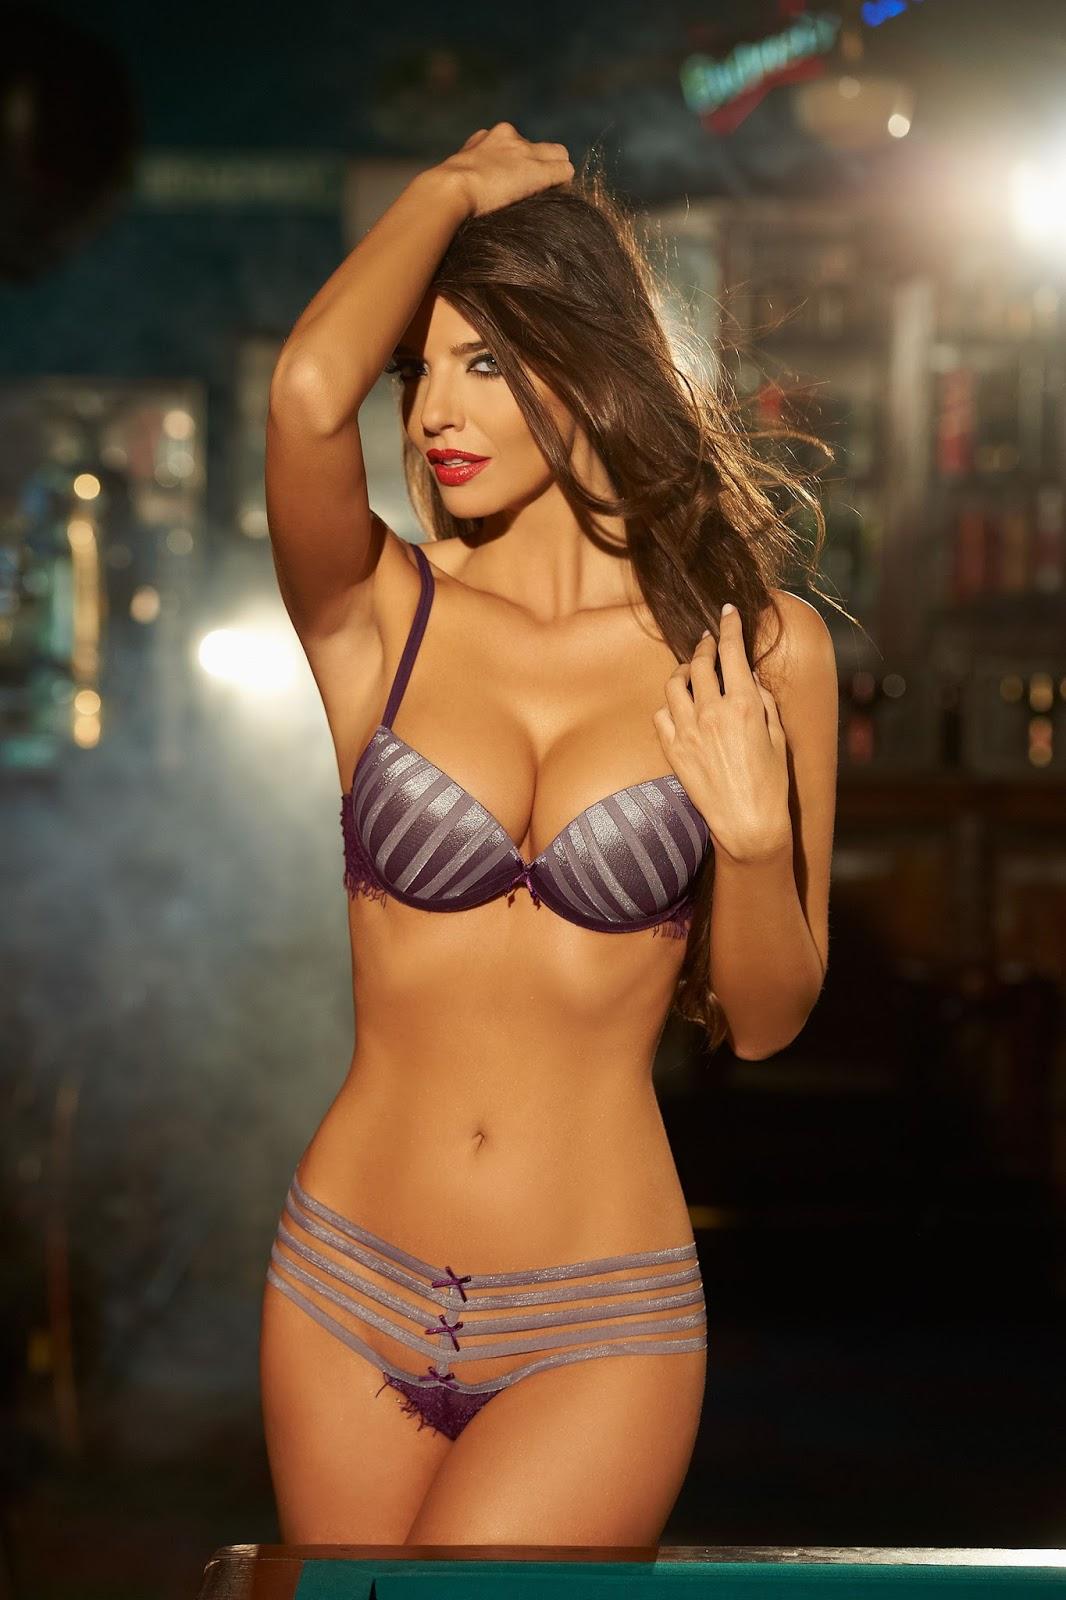 Model Photos Ellipse Lingerie